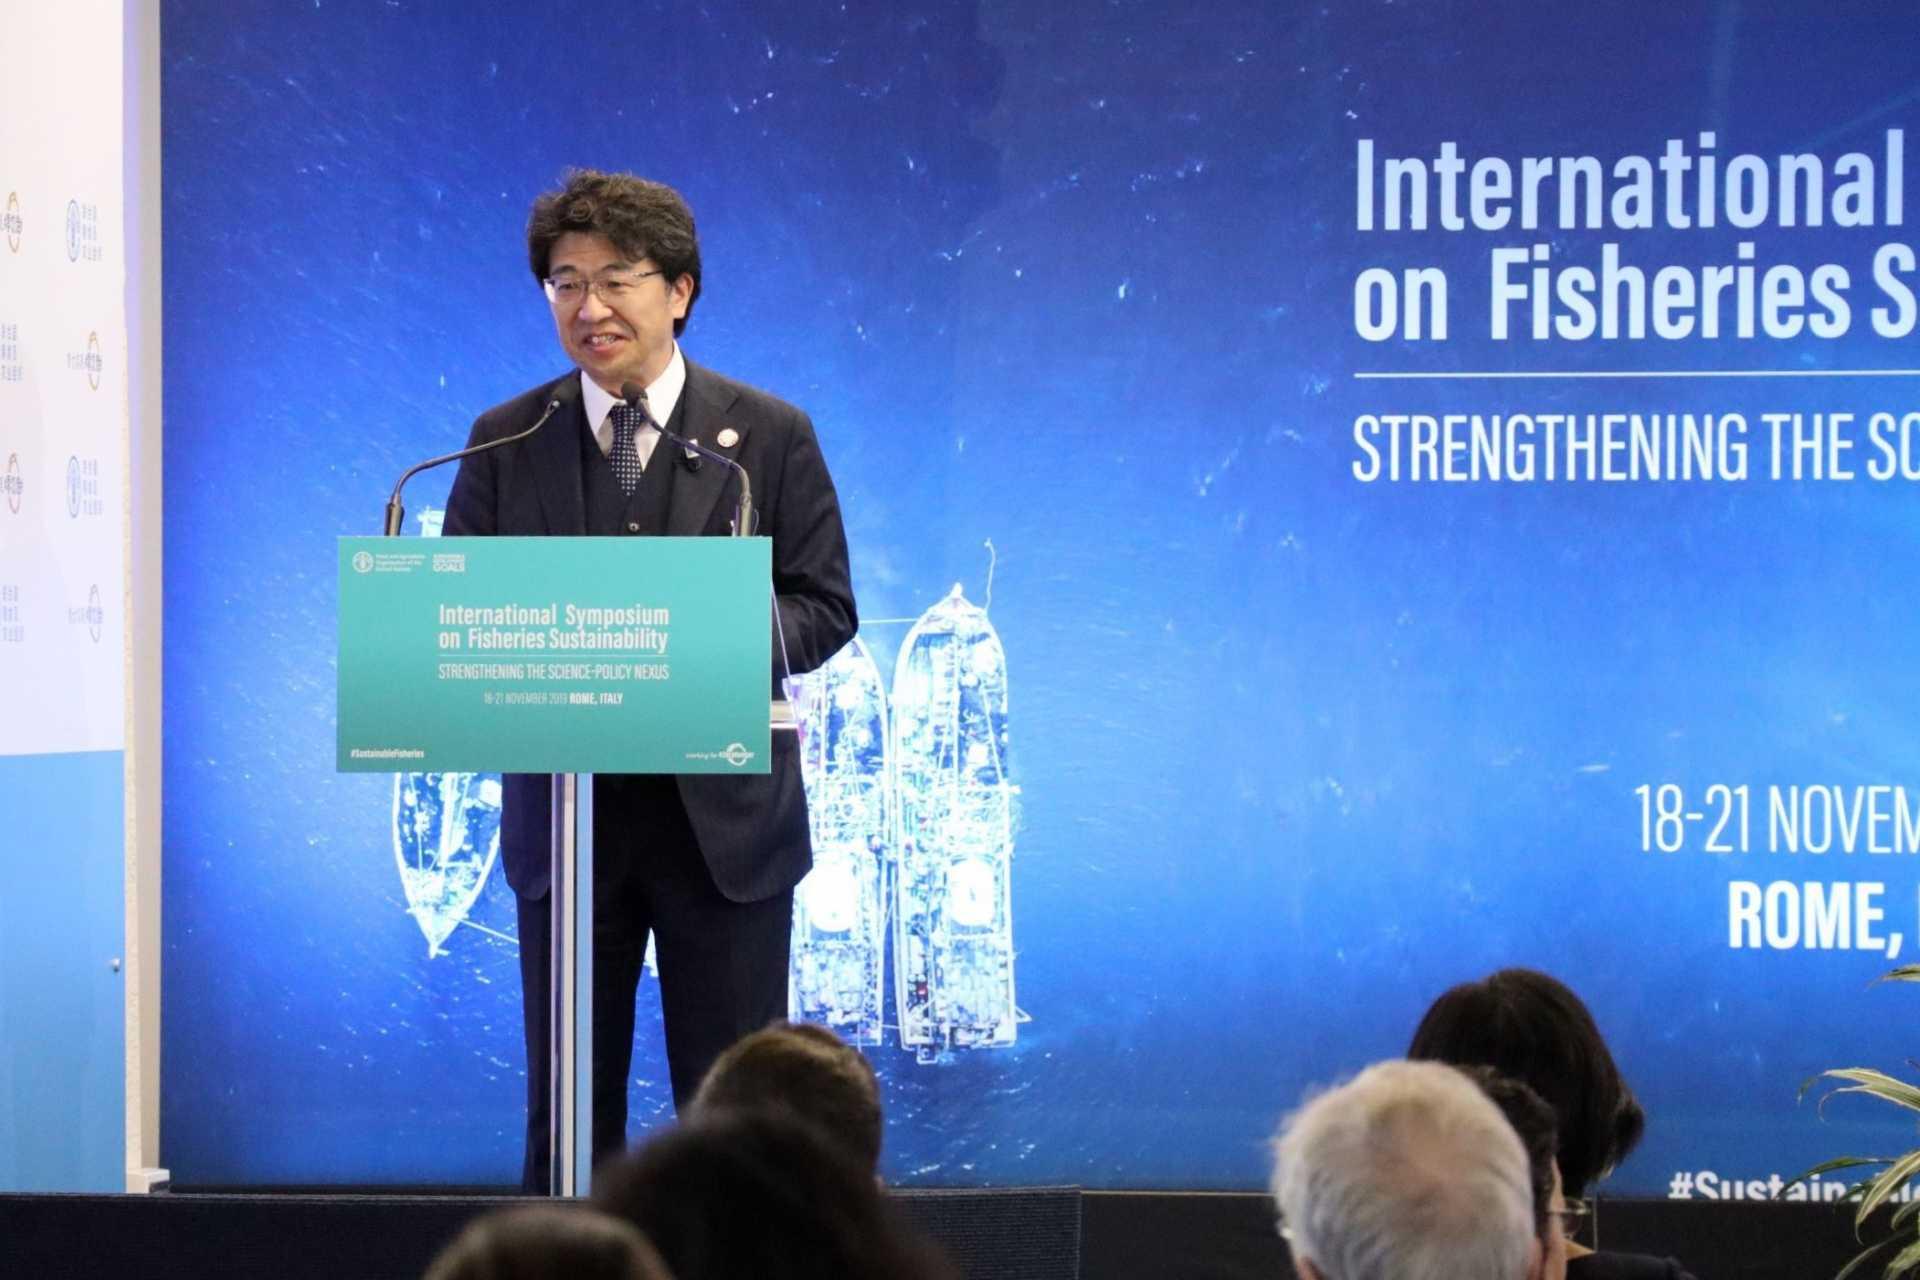 (代)「21世紀を見据えた漁業管理に関する政策の可能性」セッションにおいて開会の辞を述べる角南所長